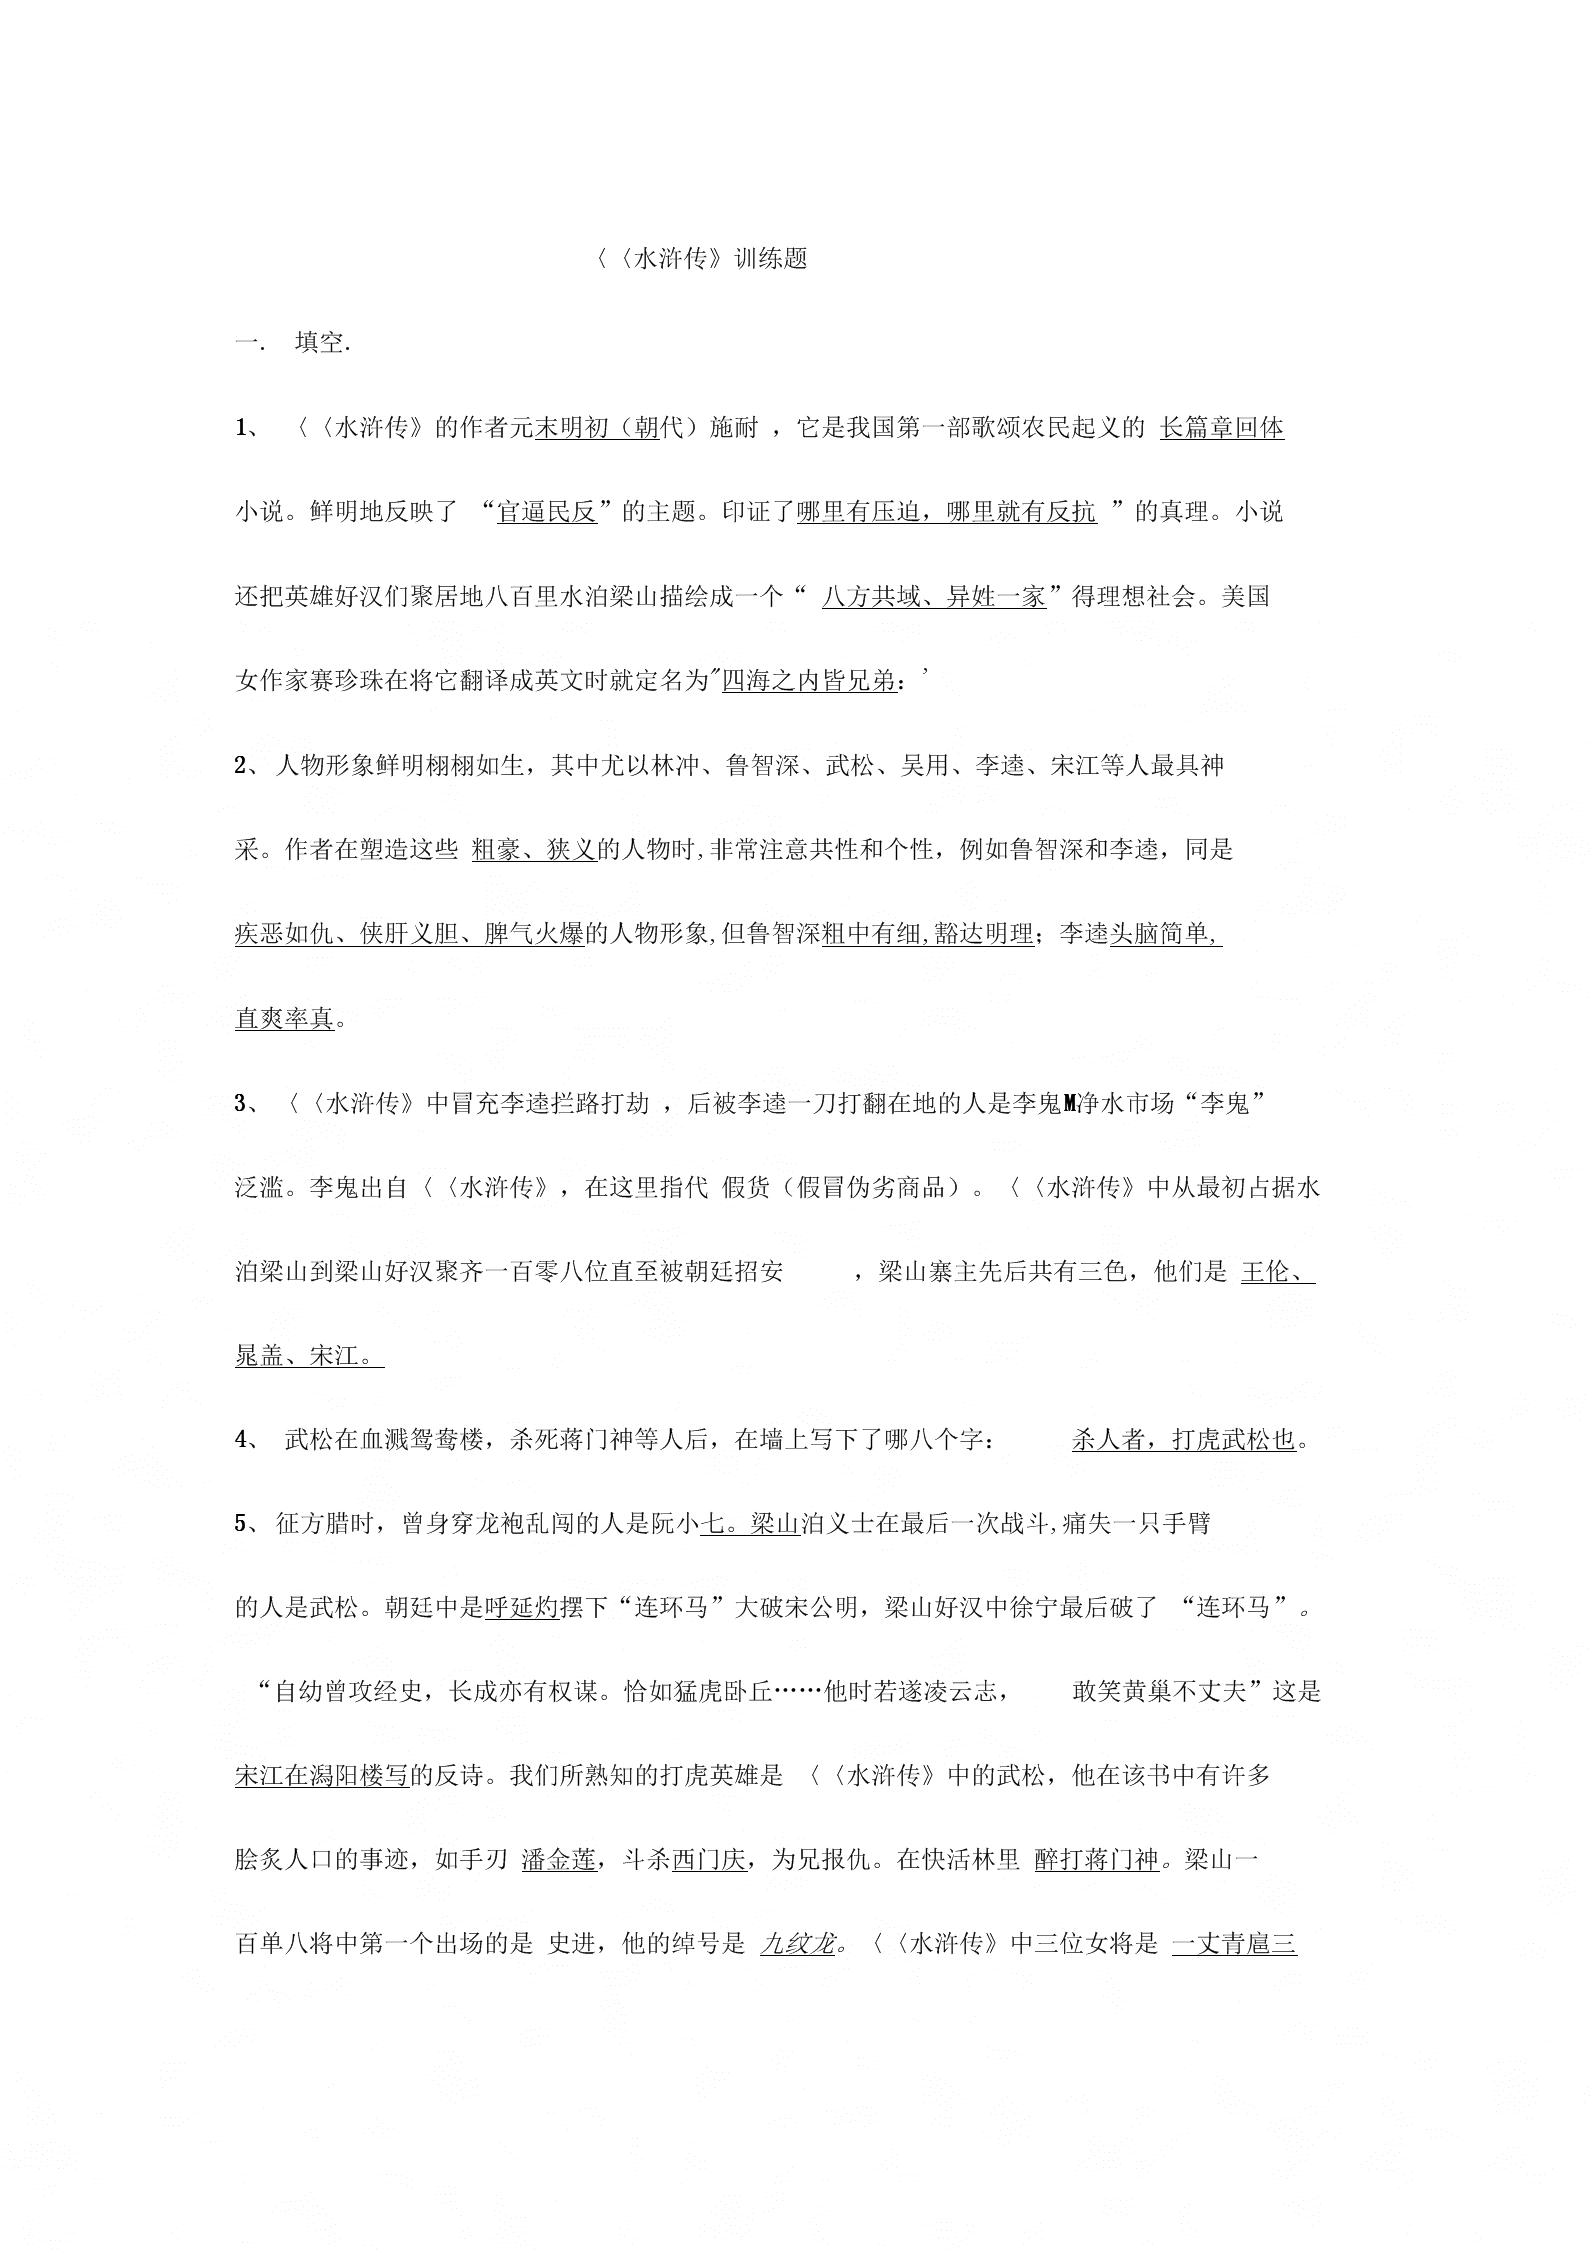 《水浒传复习重点资料》.docx